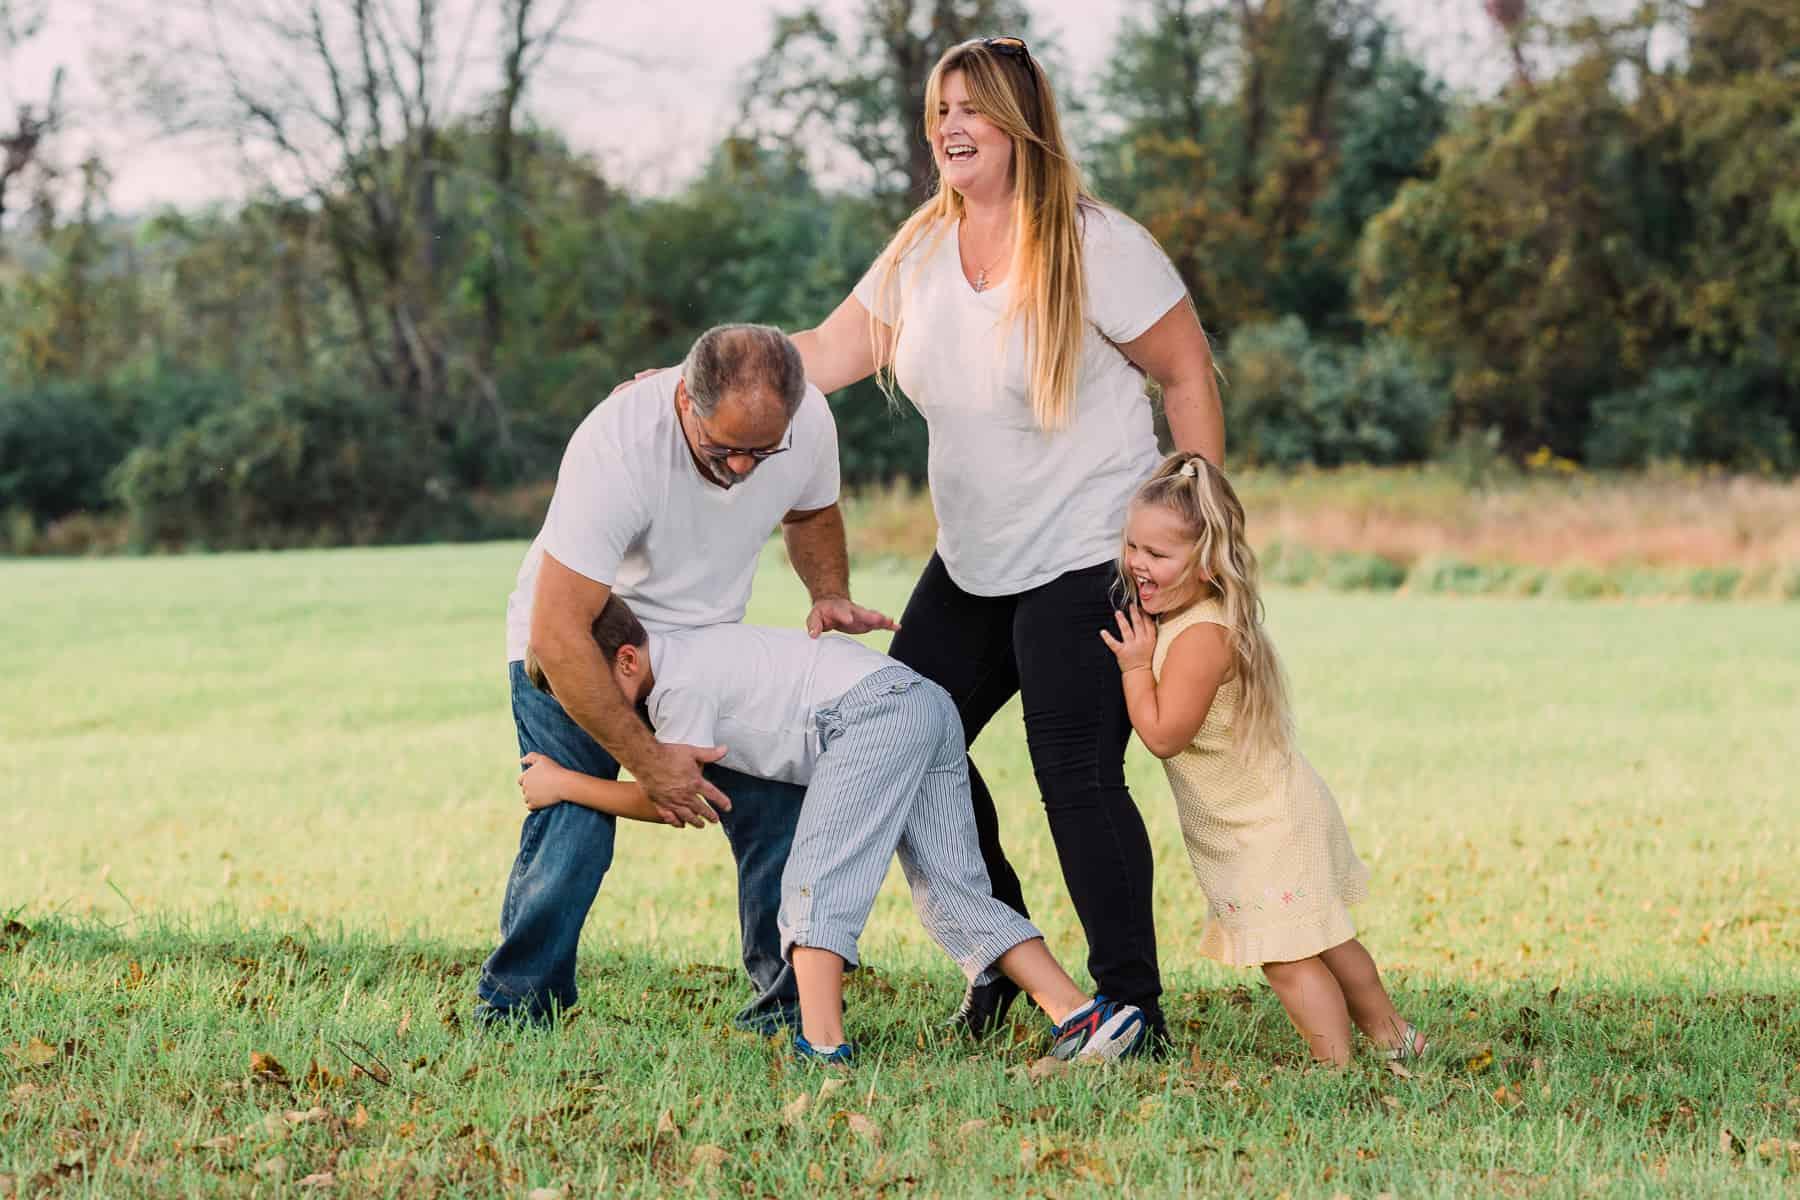 Tackling Mom and Dad